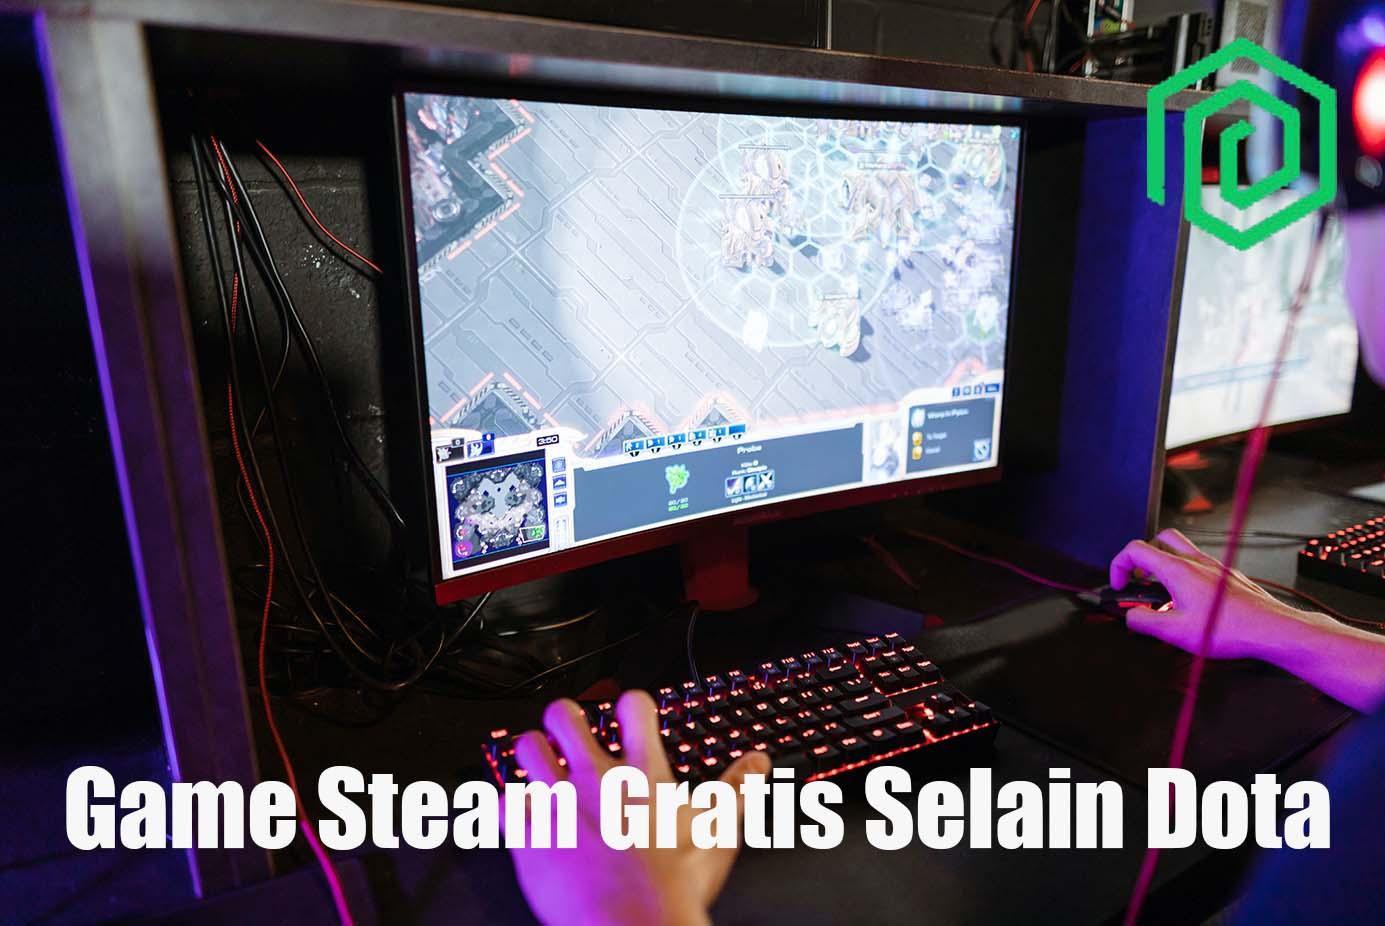 Game Steam Gratis Selain Dota